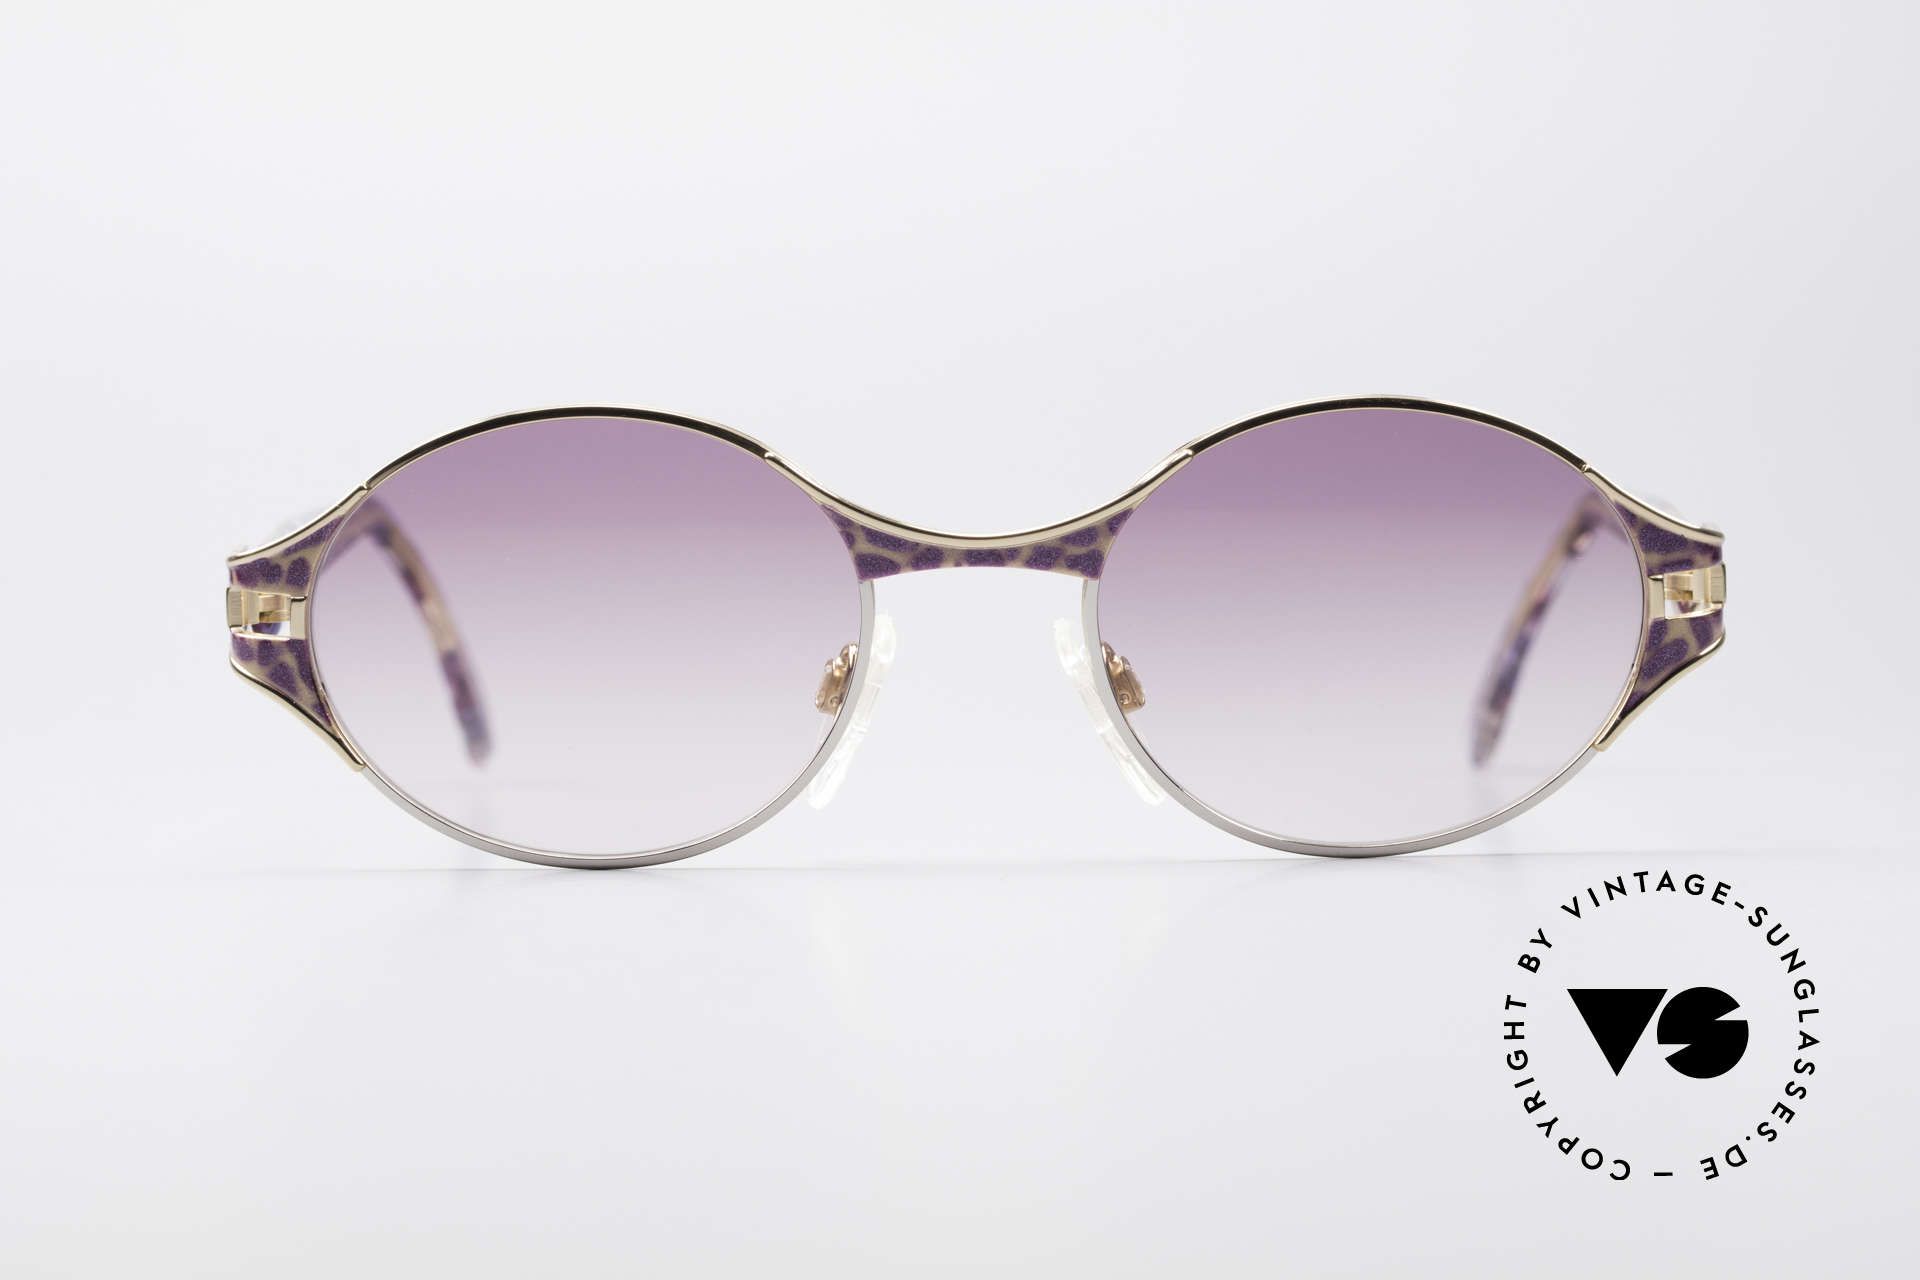 Cazal 281 Ovale Vintage Sonnnenbrille, aufwändige Rahmengestaltung in Farbe und Form, Passend für Damen